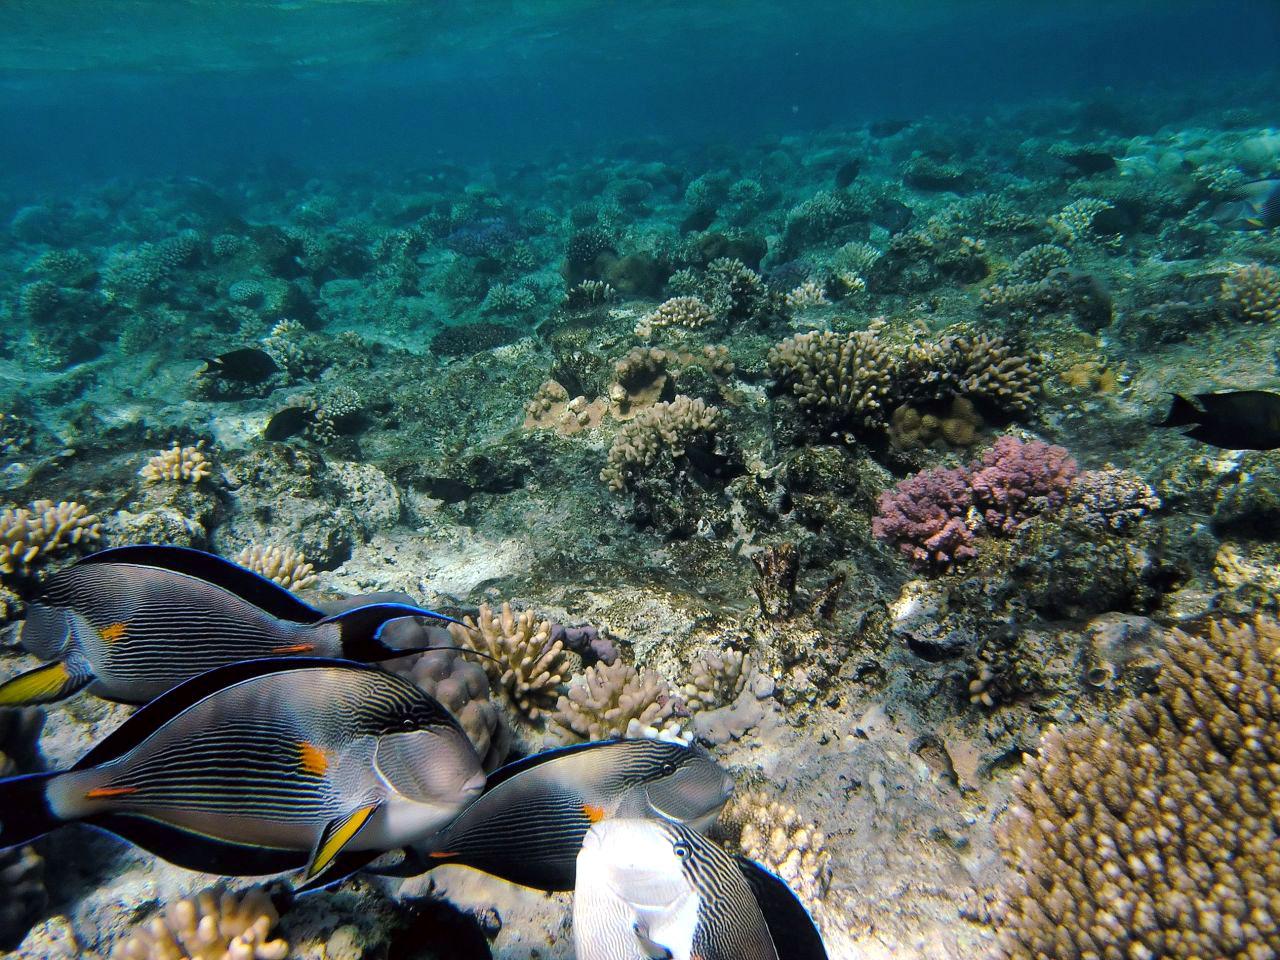 krasnoe-more-podvodniy-mir